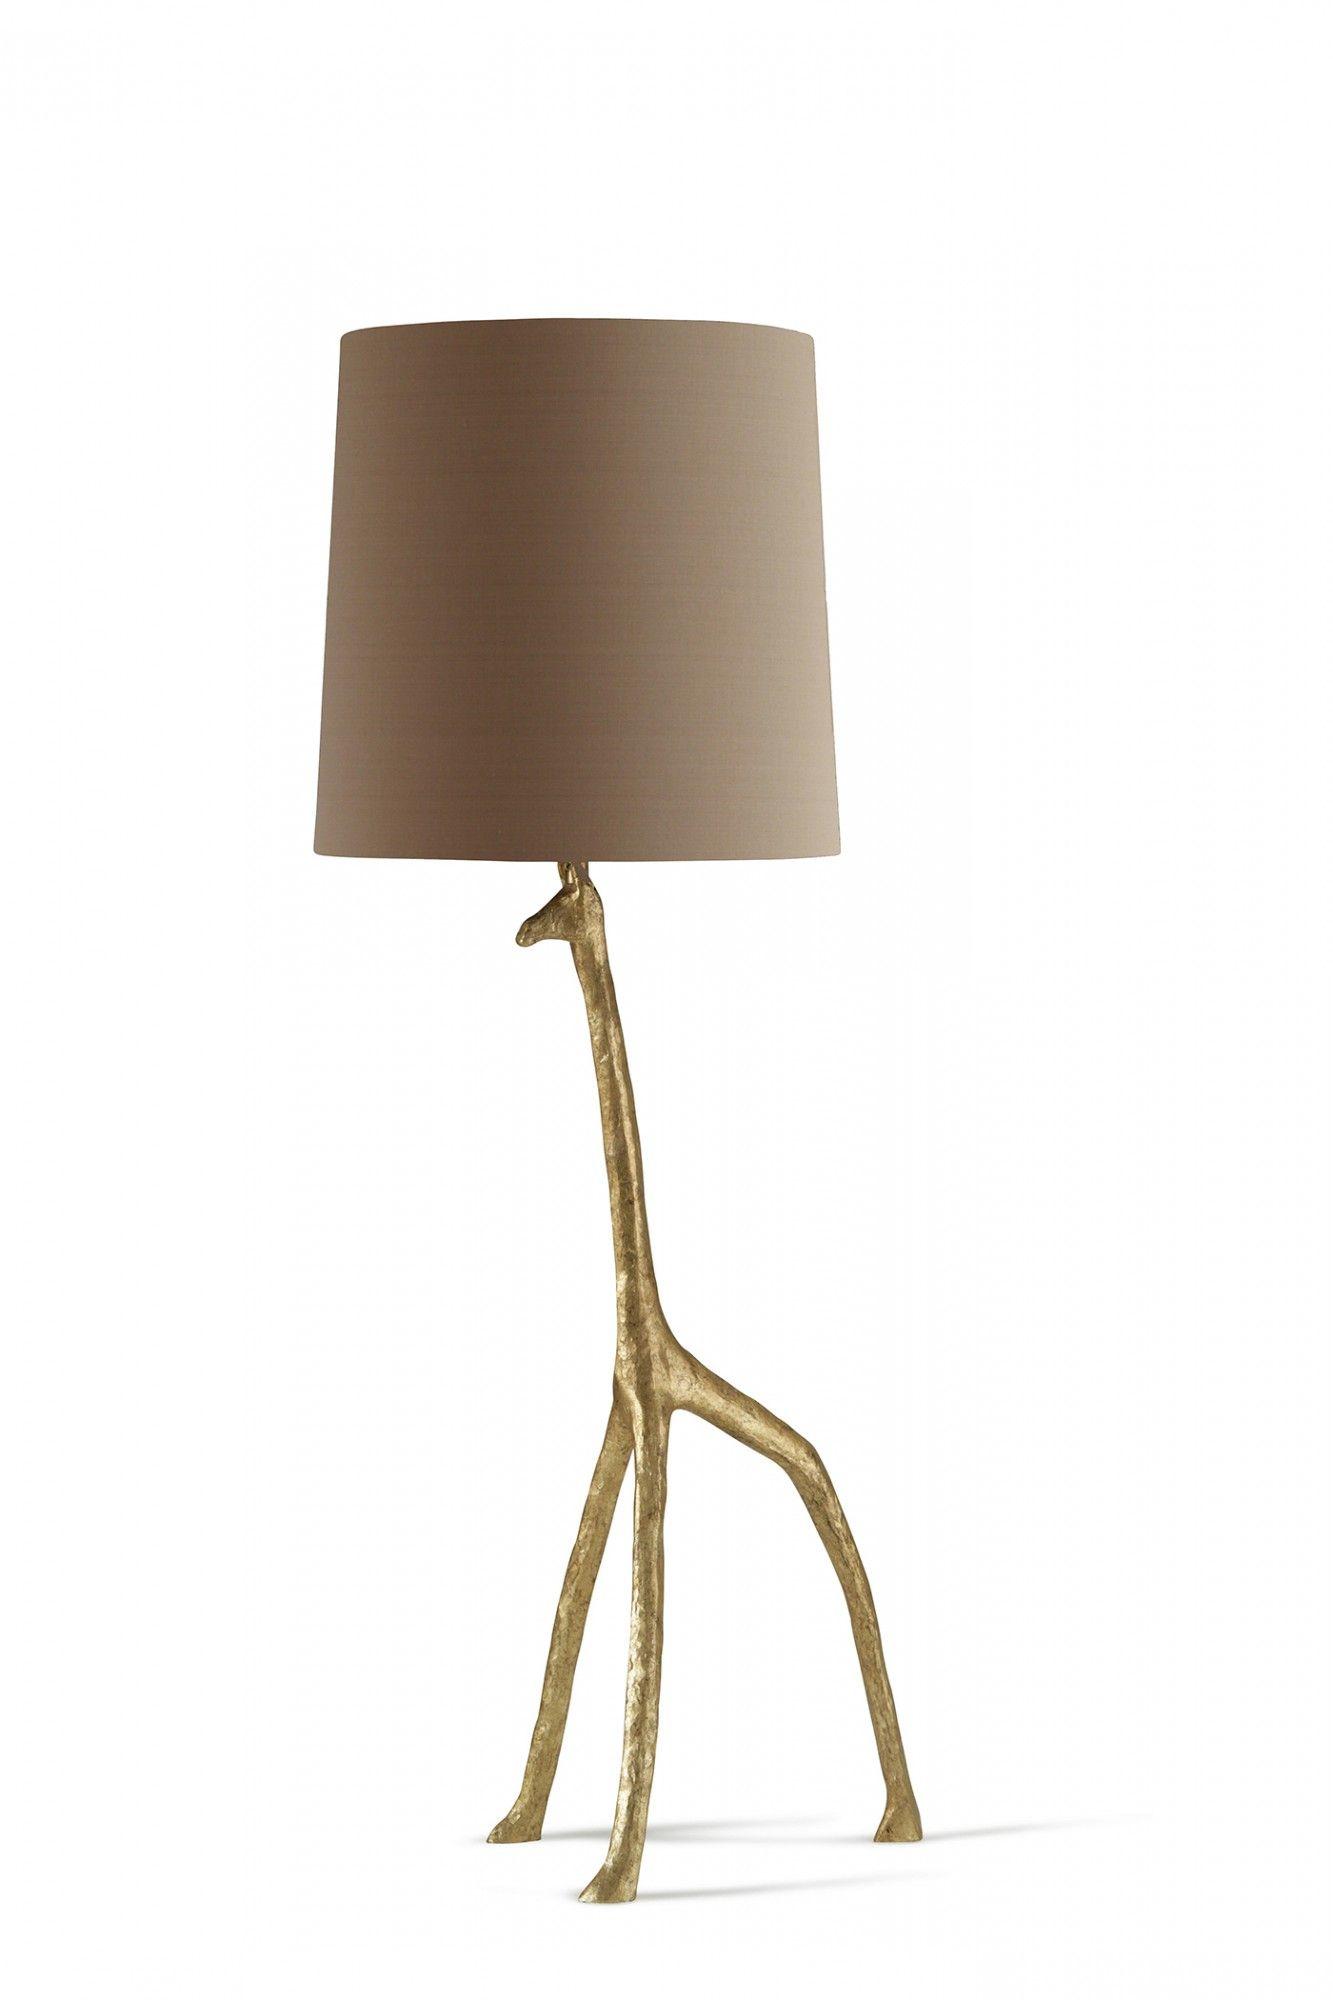 Porta Romana Luxury Lighting And Furniture Made In Britain Giraffe Lamp Luxury Lighting Lamp